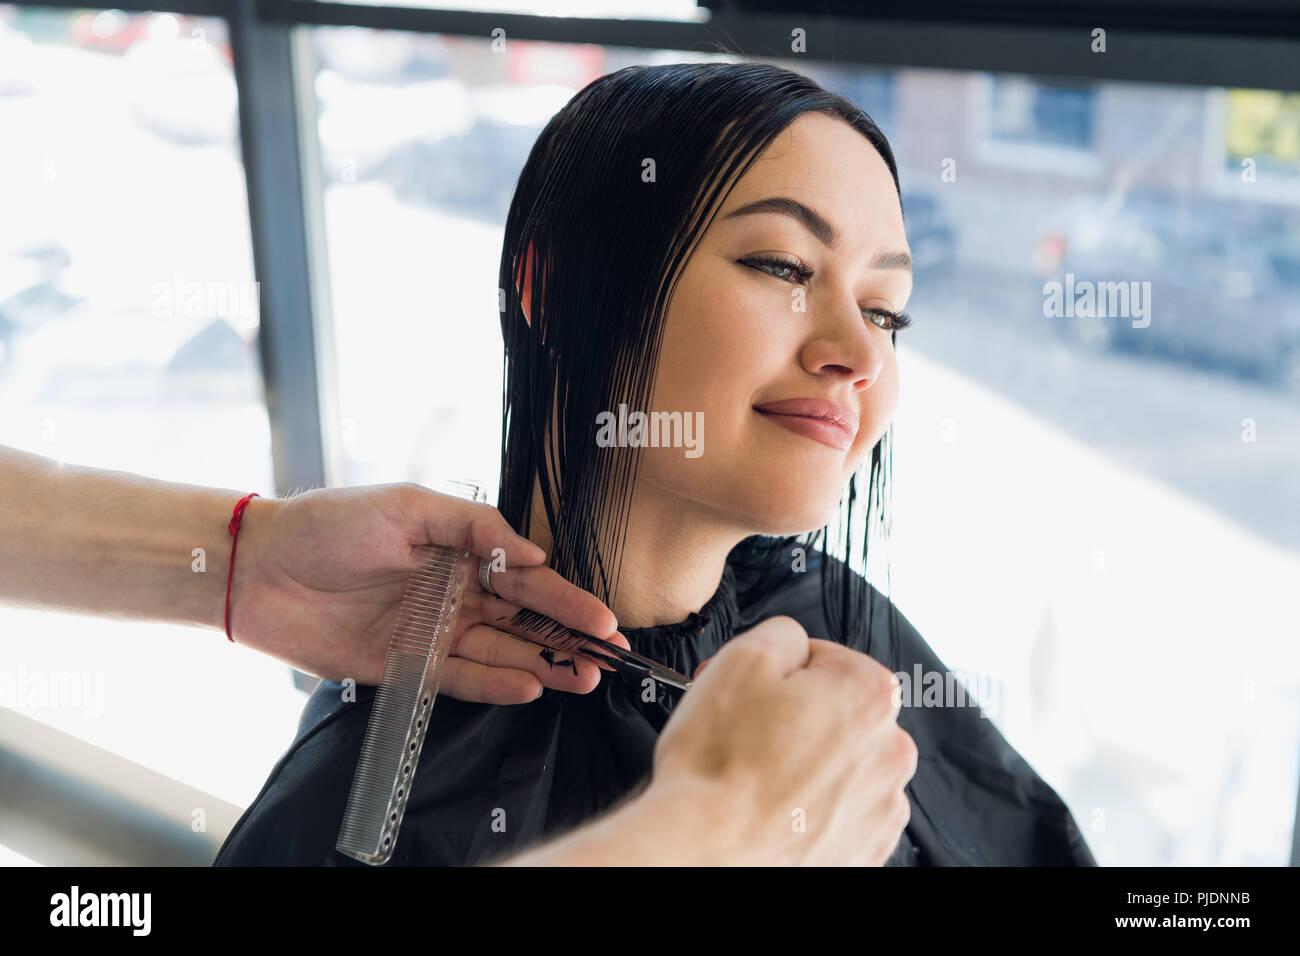 Mannliche Friseur Einen Haarschnitt Fur Eine Schone Brunette Madchen